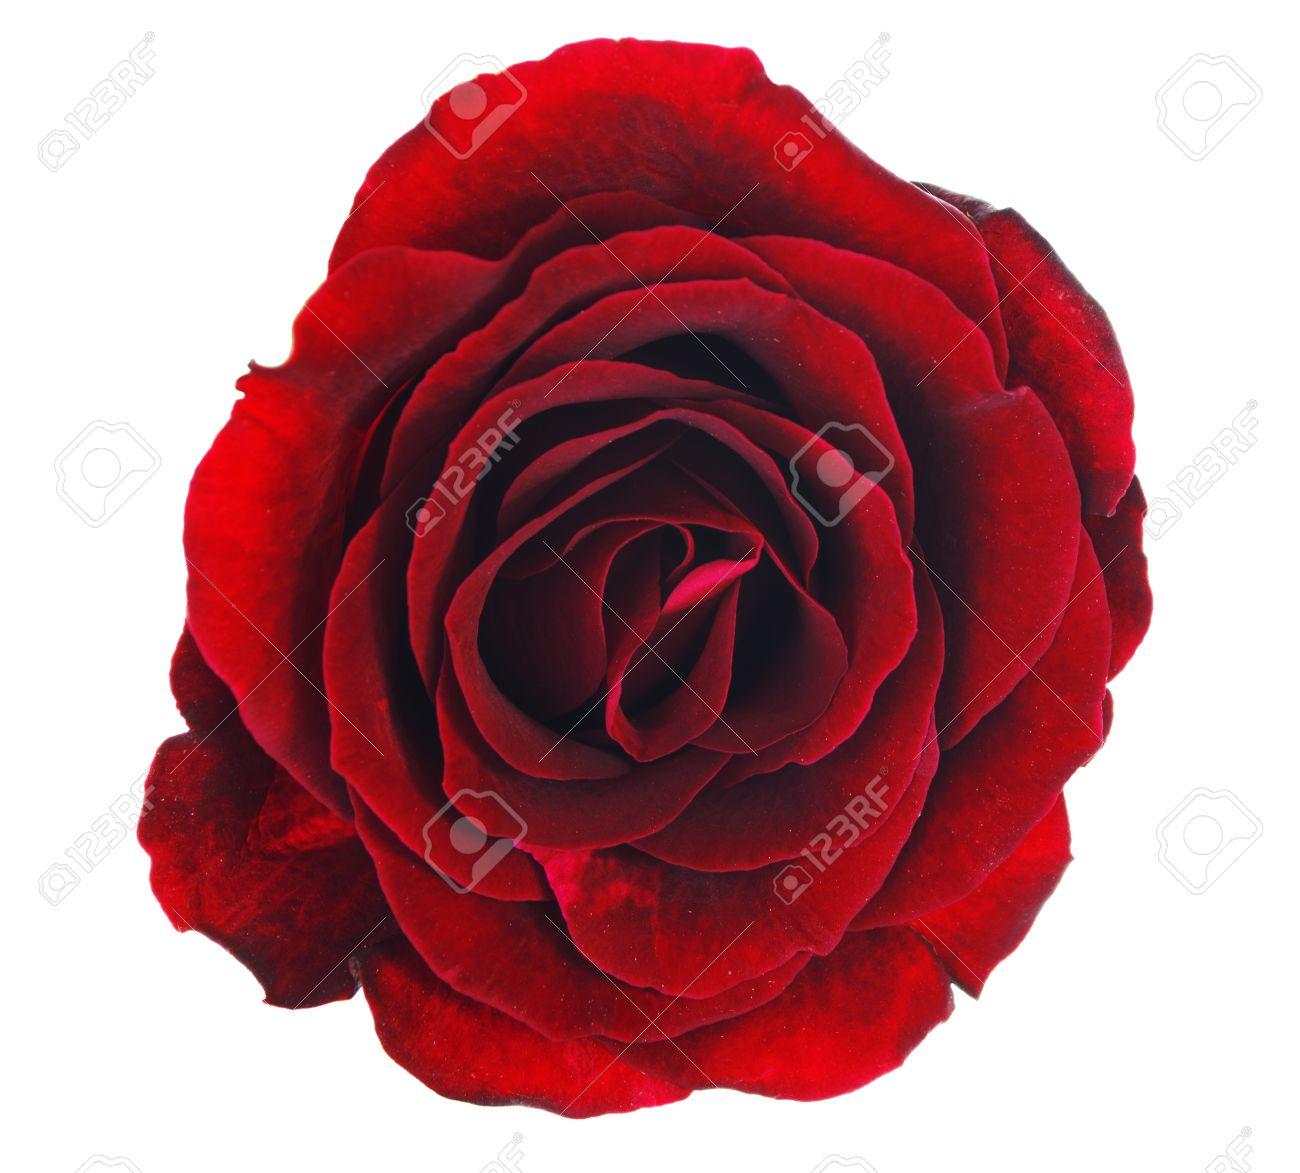 belle rose rouge fleur sans feuilles isolees sur fond blanc avec chemin de detourage